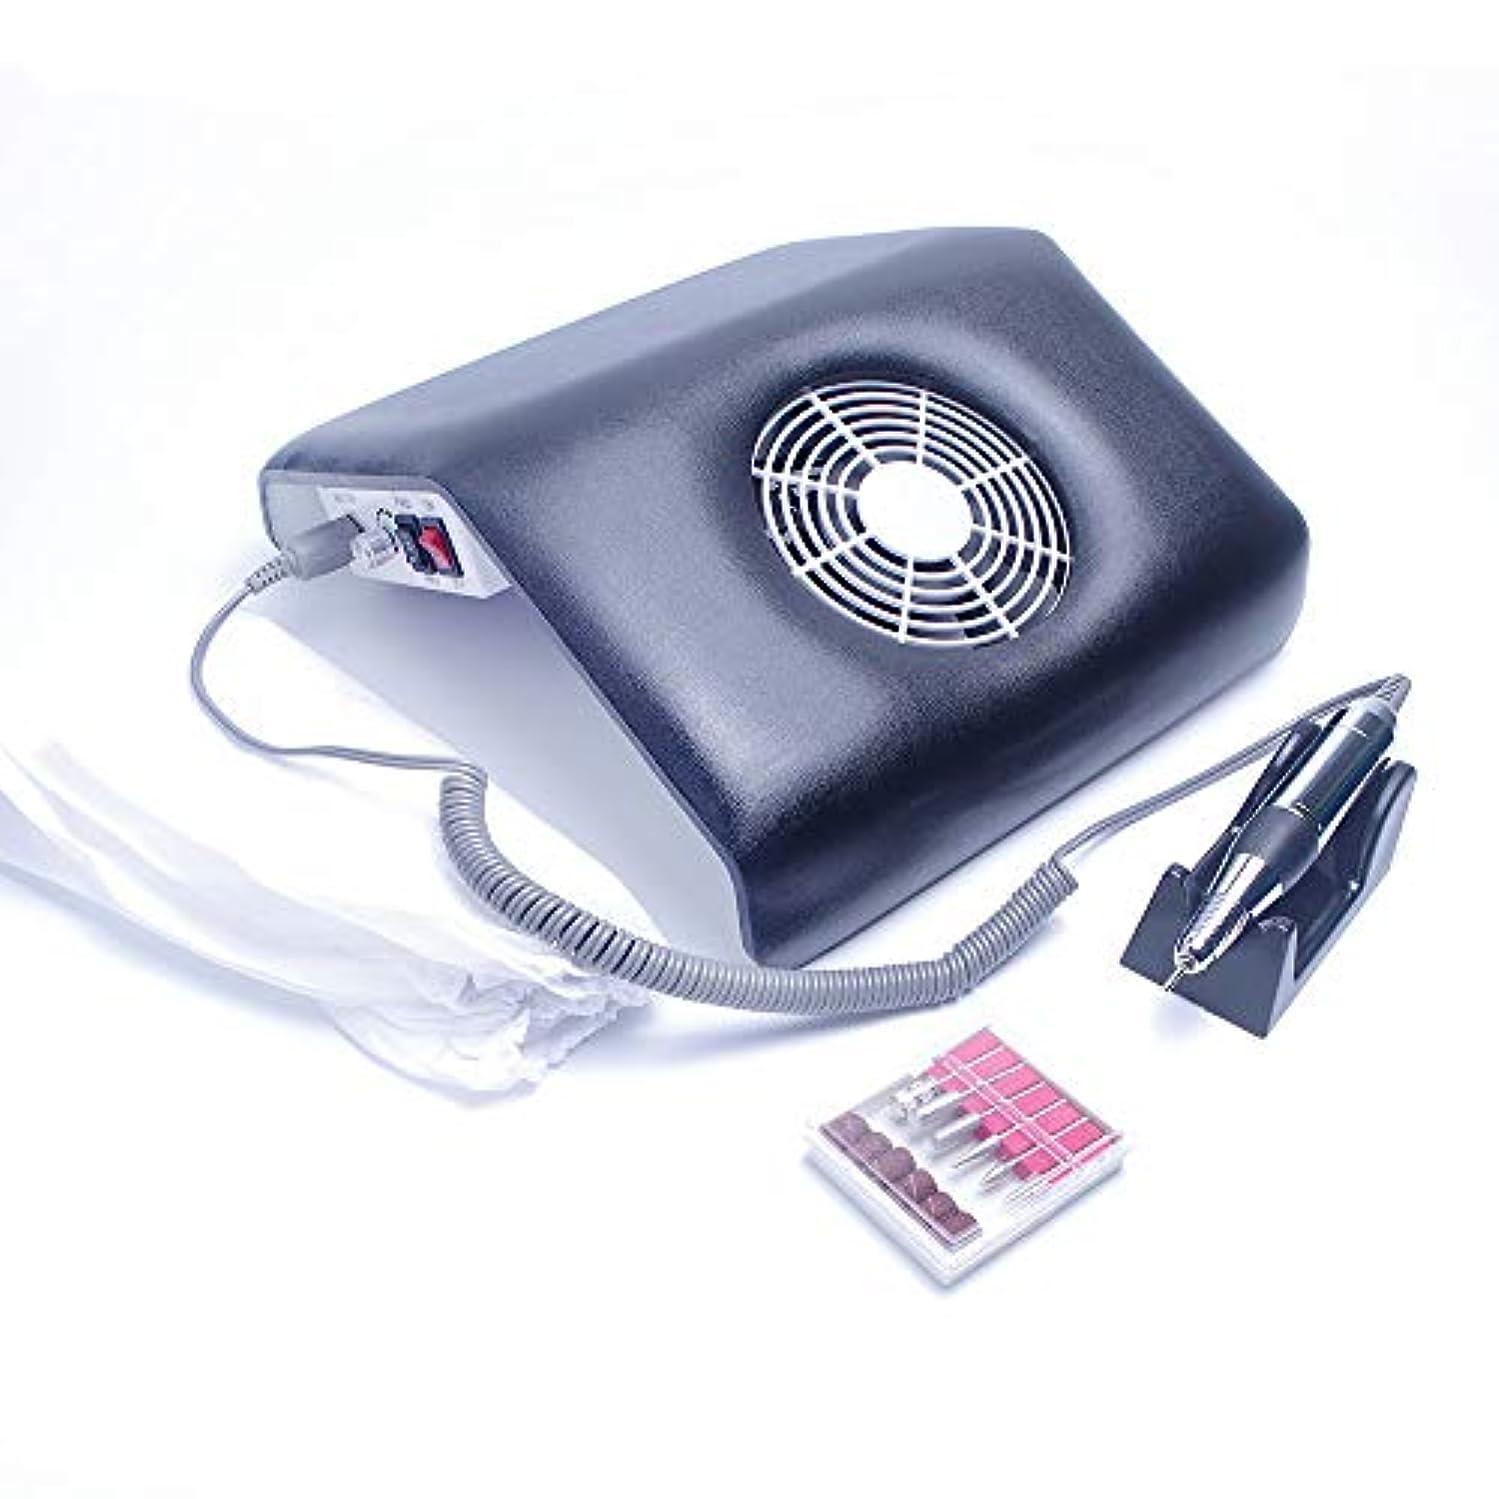 過言第三モチーフ集塵機 ネイル ダストコレクター ネイルドリル ネイルマシーン ネイルマシン 電動ネイルファイル 電動ネイルケア ネイルオフ ジェルネイルオフ ジェルオフ セルフネイル